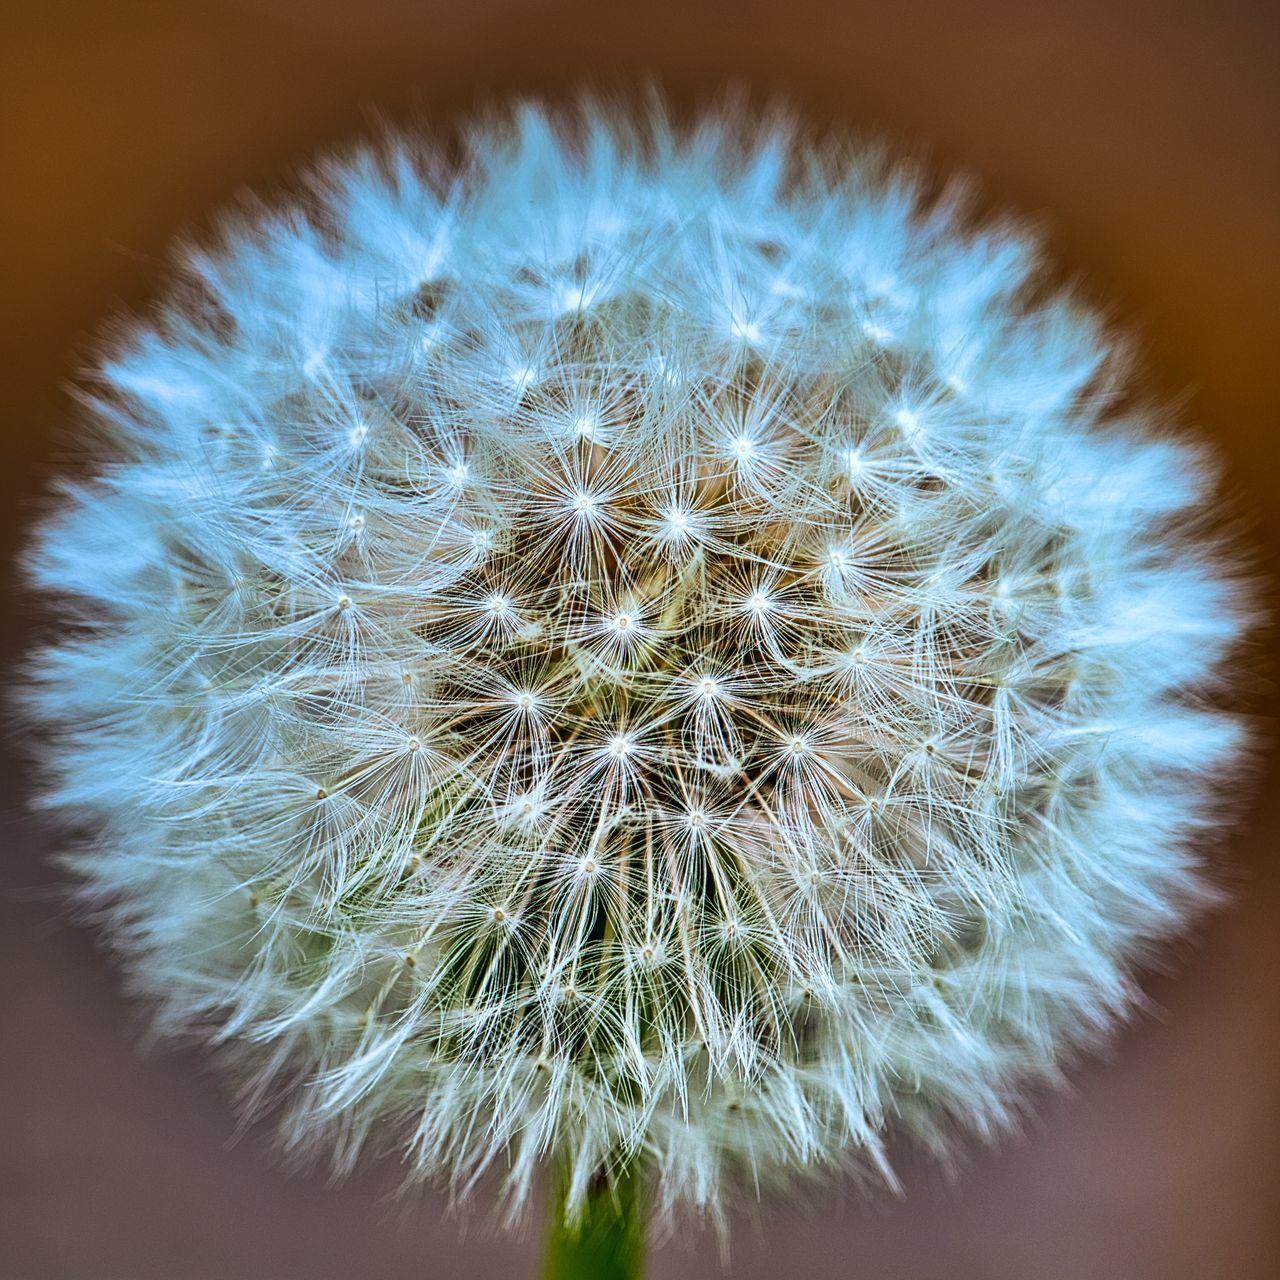 CLOSE-UP OF DANDELION ON FLOWER